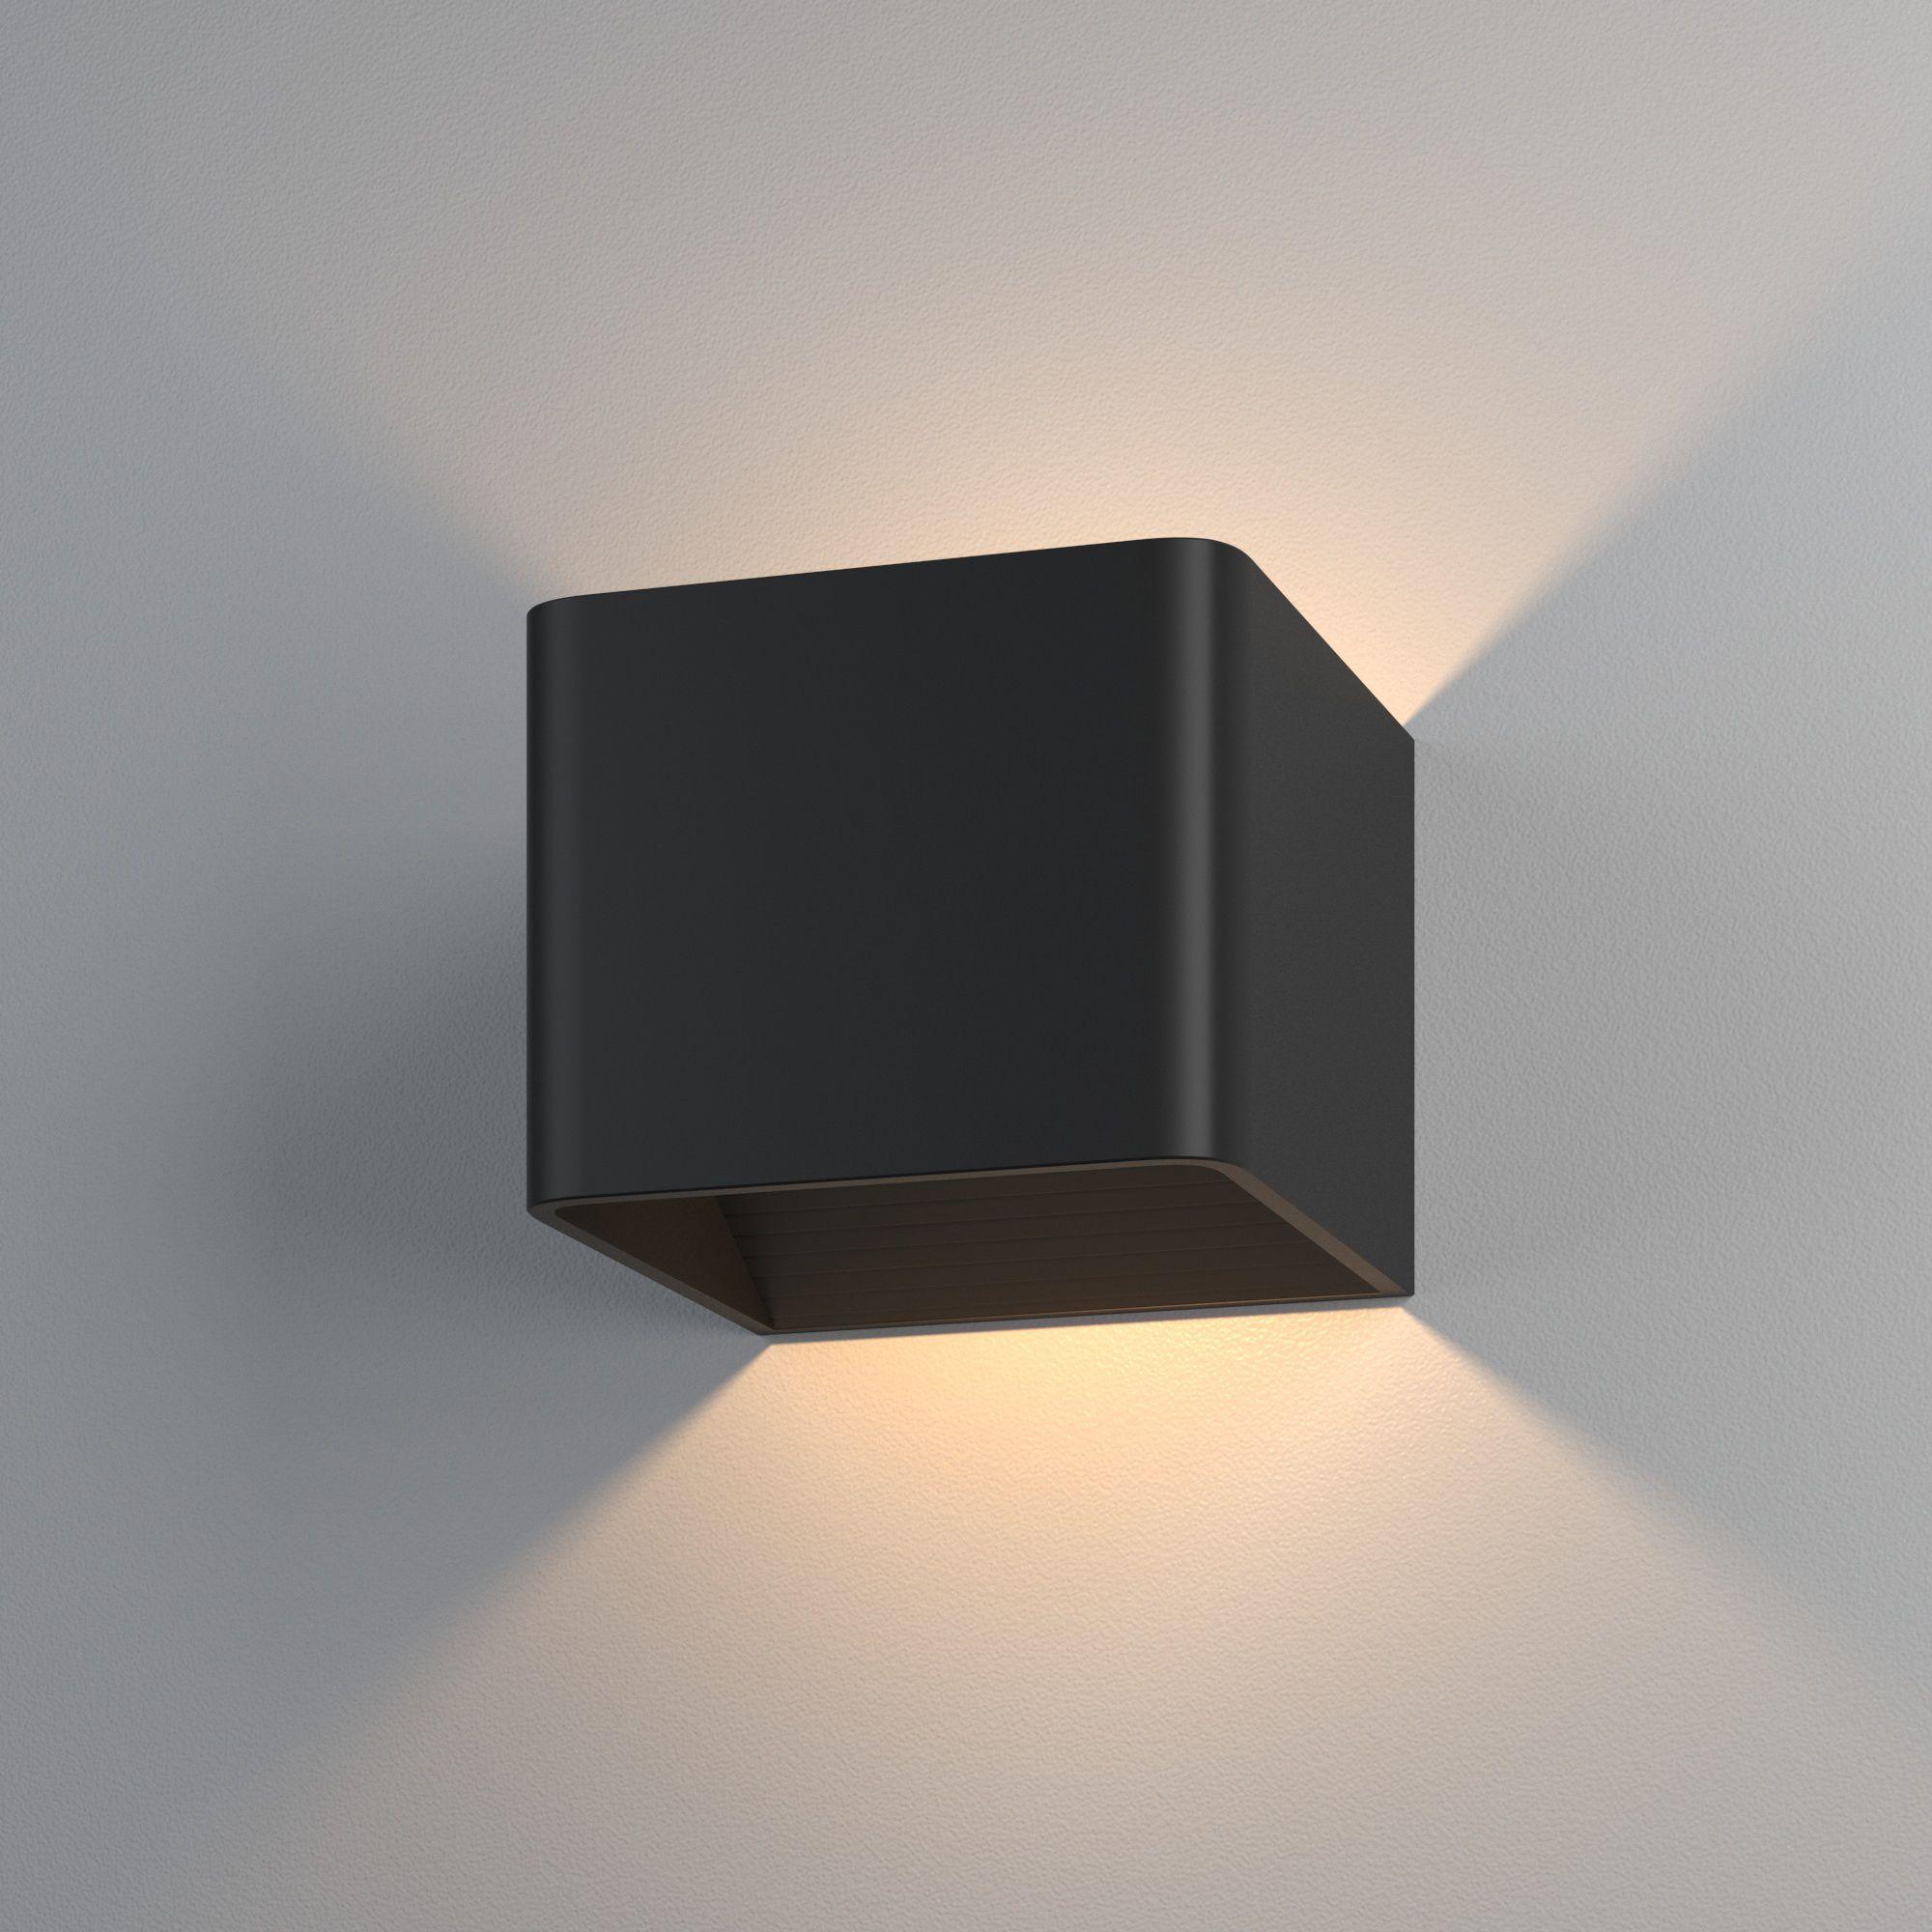 Настенный светодиодный светильник Corudo LED MRL LED 1060 чёрный